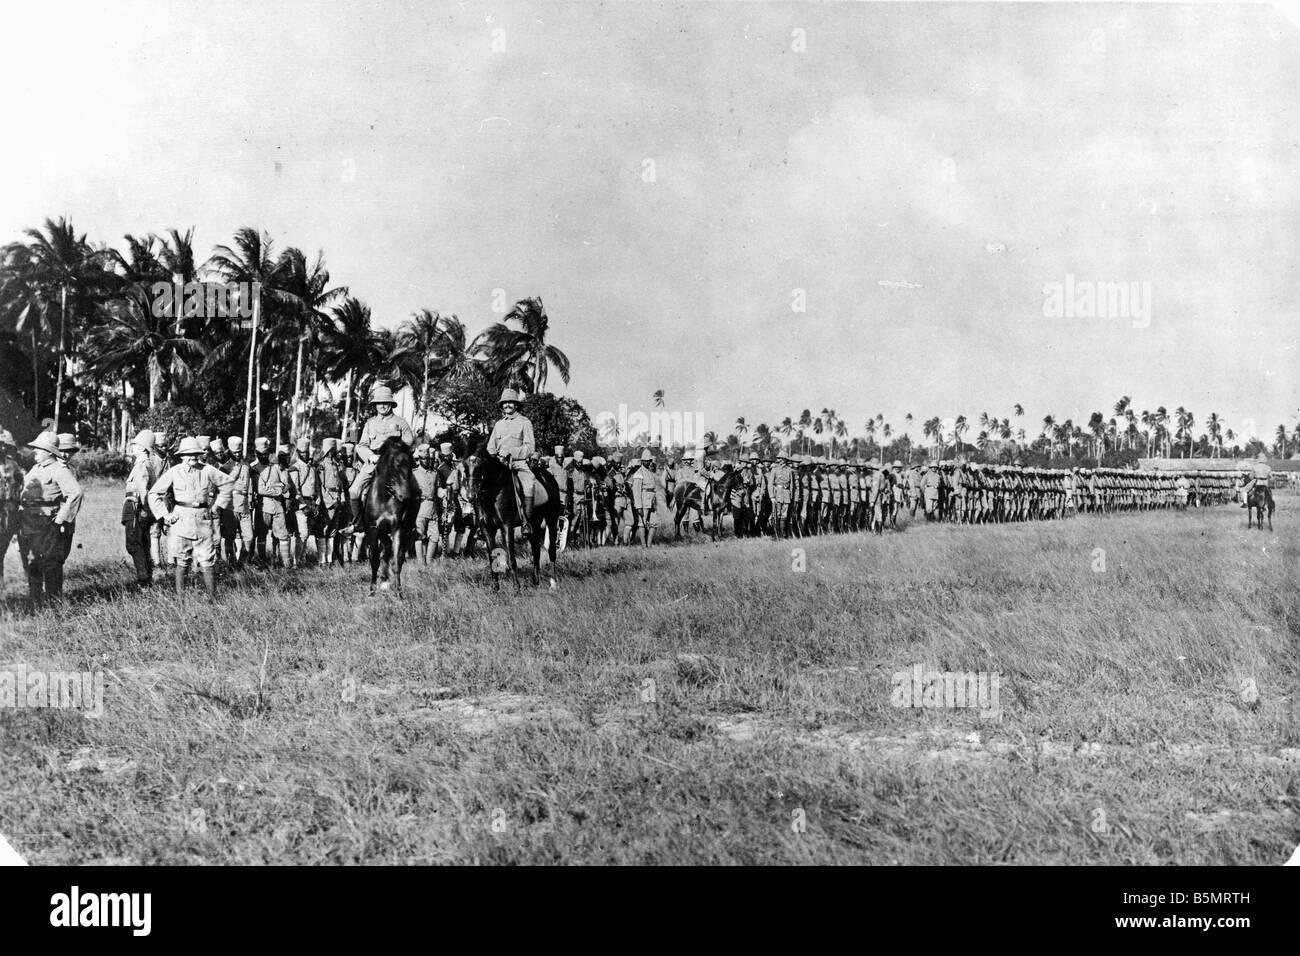 9AF 1914 0 0 A3 1 Desfile de tropas del África Oriental Alemana Guerra Mundial 1 guerra en las colonias de África Oriental Alemana ahora Tanzania general Foto de stock